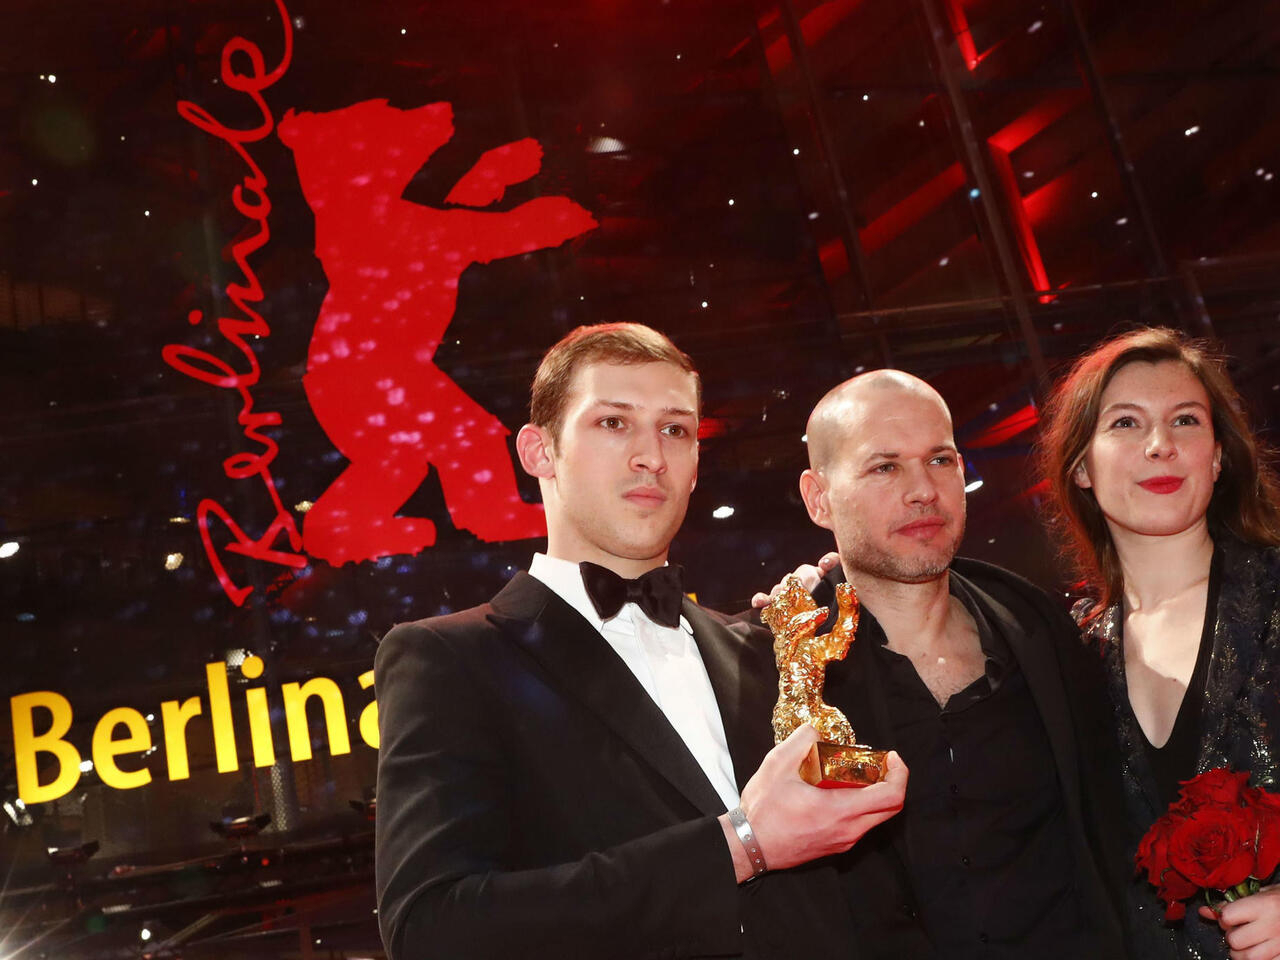 Festival de Berlin Berlinale Sexo Género